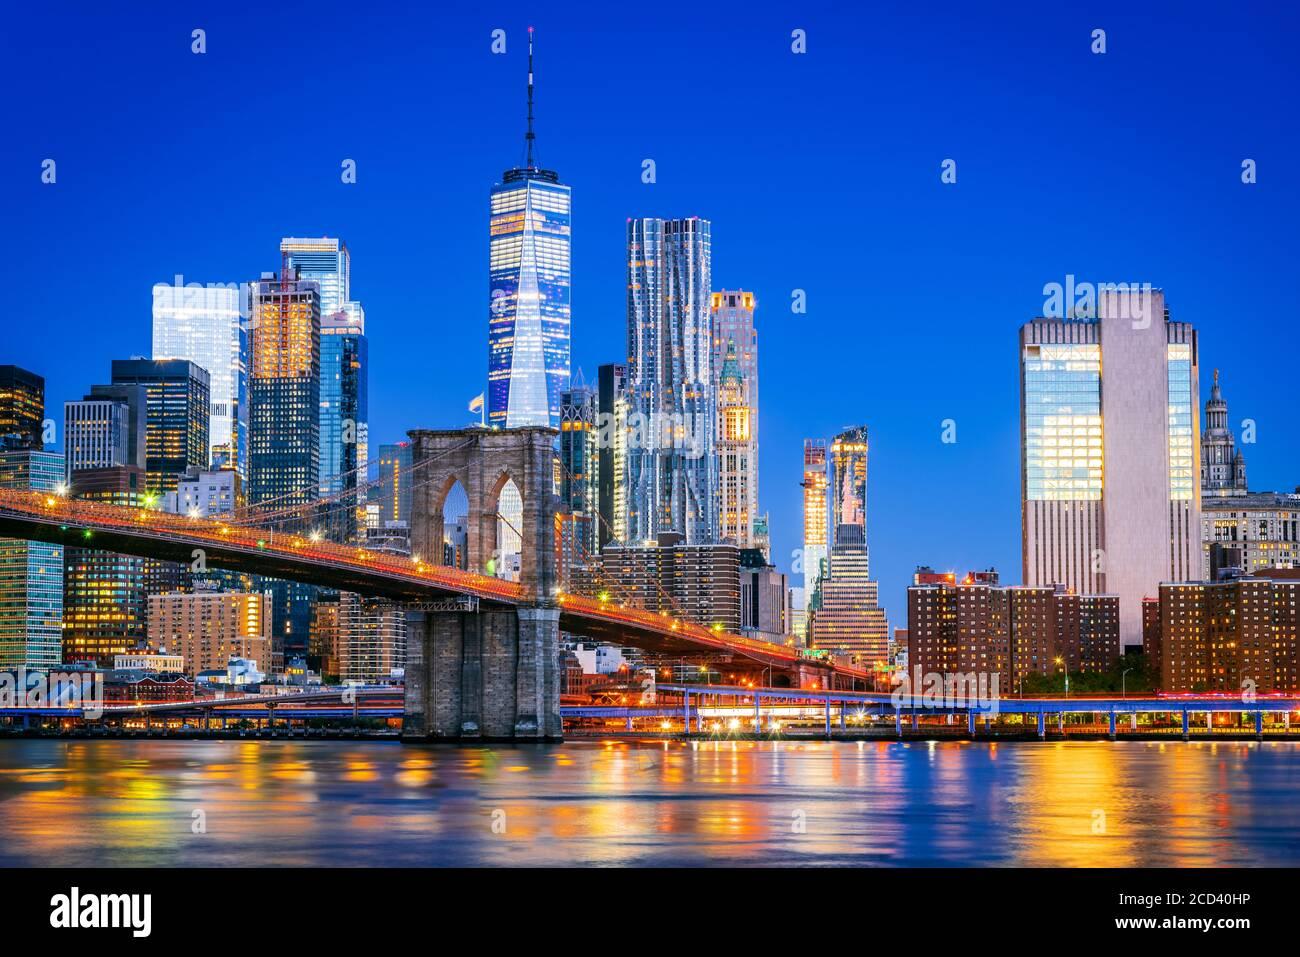 New York, États-Unis d'Amérique. Pont de Brooklyn au crépuscule vu du Brooklyn Bridge Park à New York, États-Unis. Banque D'Images